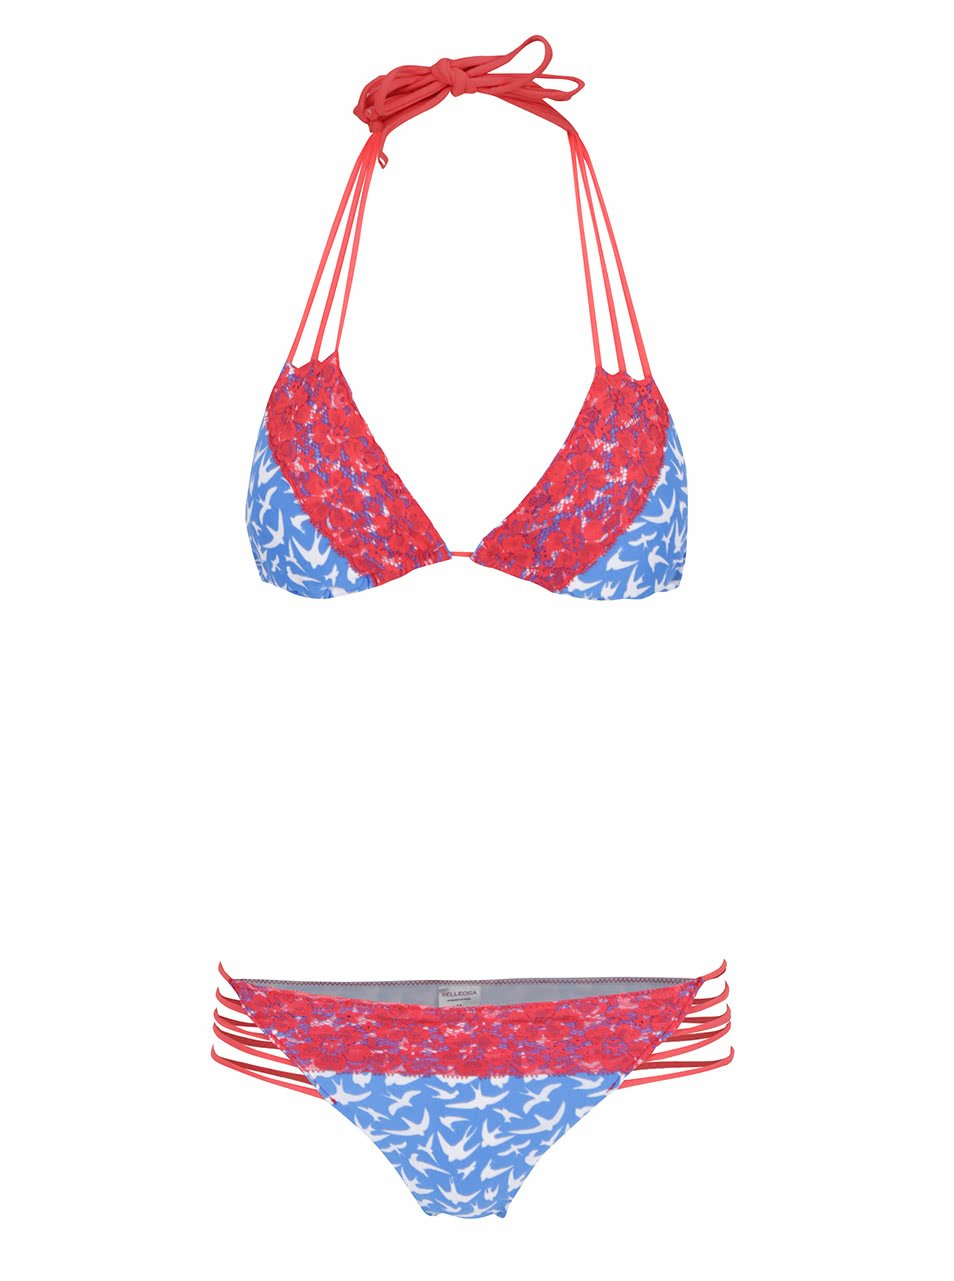 Červeno-modré vzorované dvoudílné plavky s karjkou Relleciga 7e1f414902